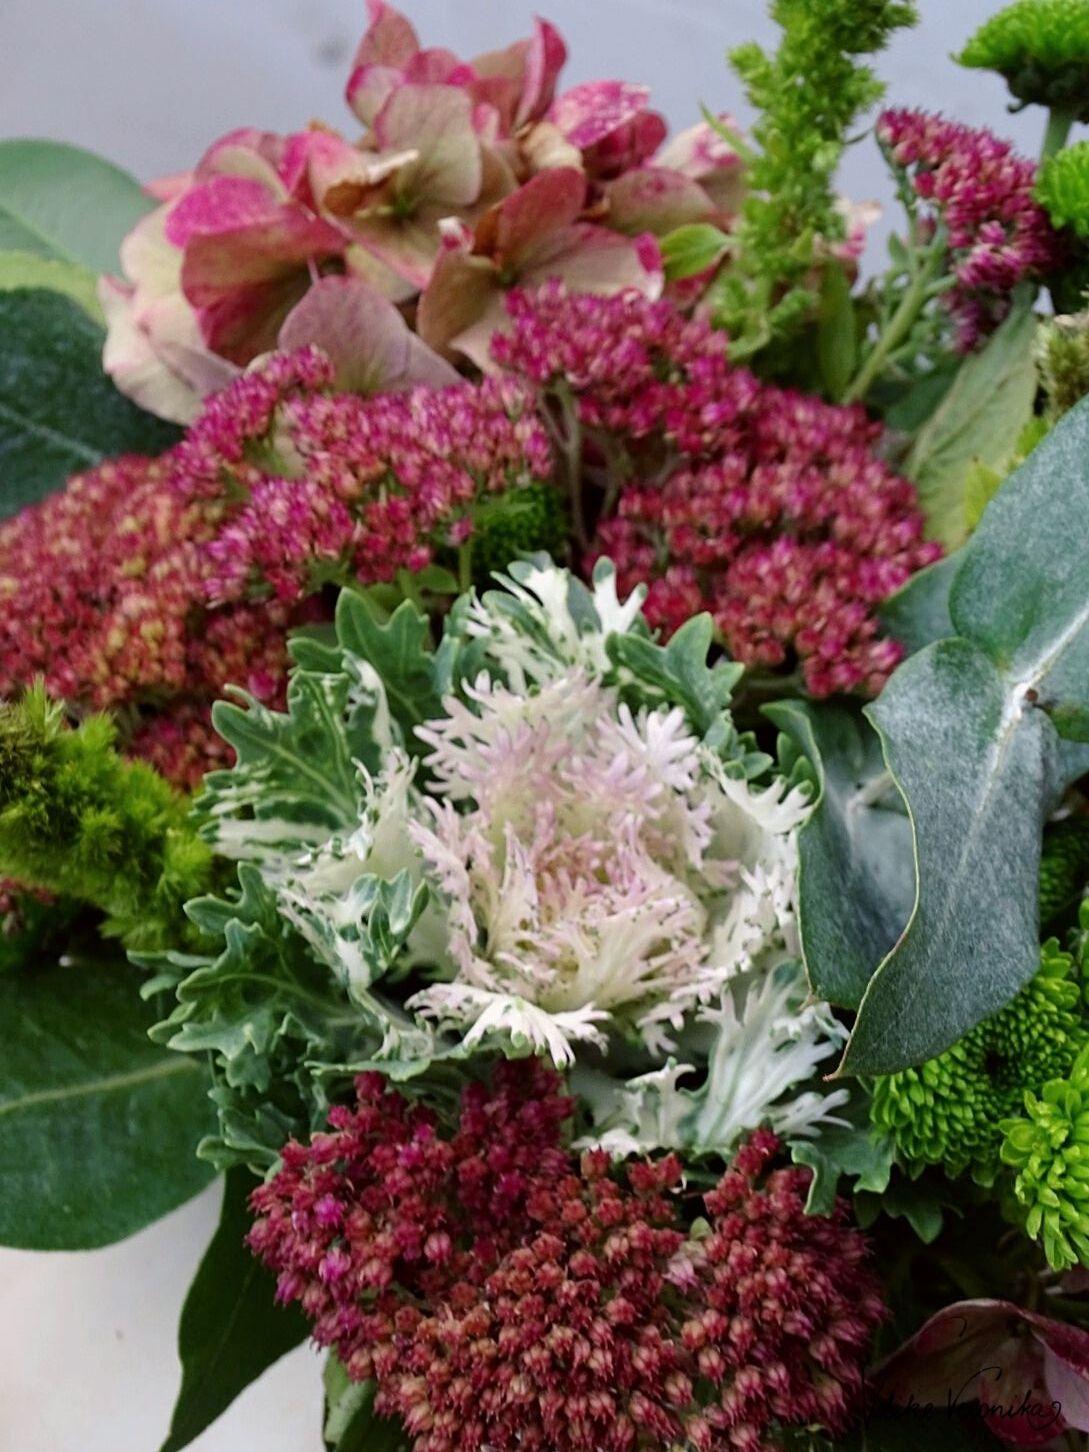 Hortensien, Fetthenne und Zierkohl